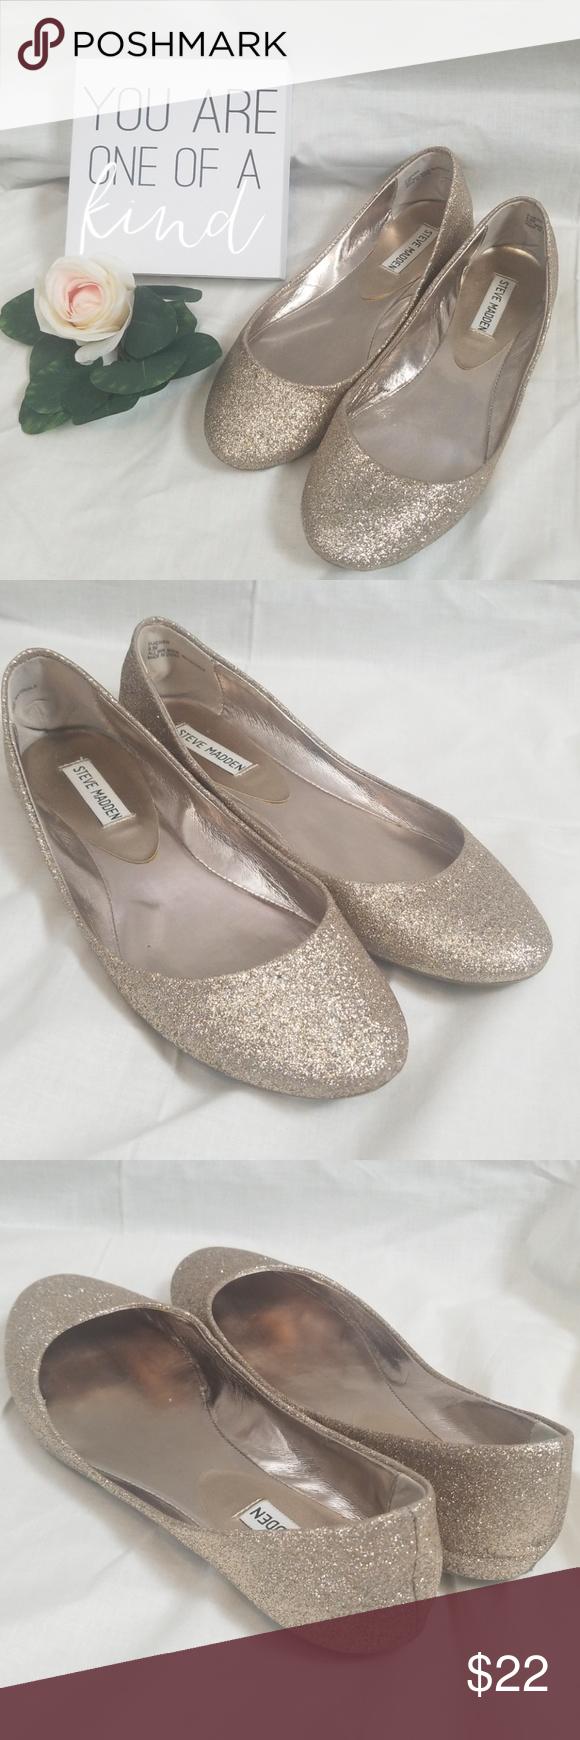 0dd3dc48867 P-Heaven Gold Glitter Ballet Flats Size 9.5M NEW Steve Madden P ...